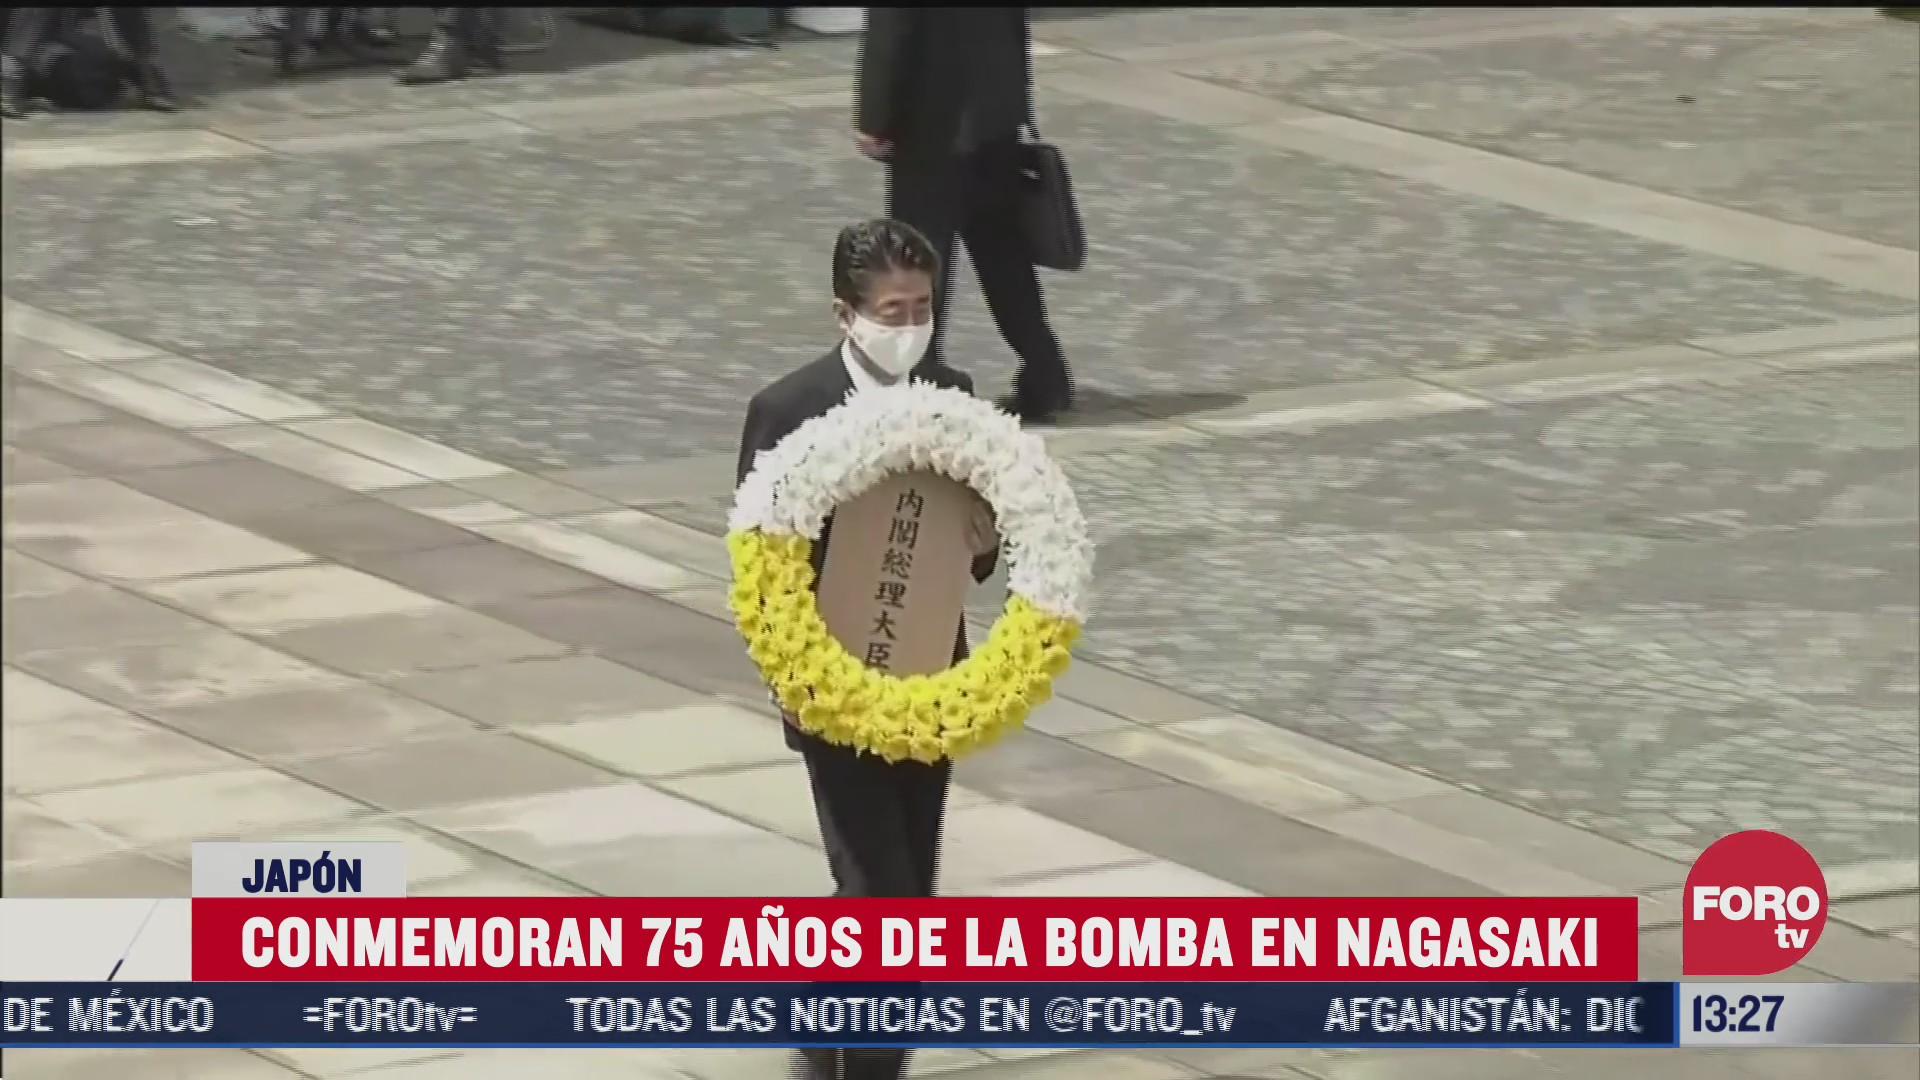 conmemoran 75 anos del bombardeo en nagasaki